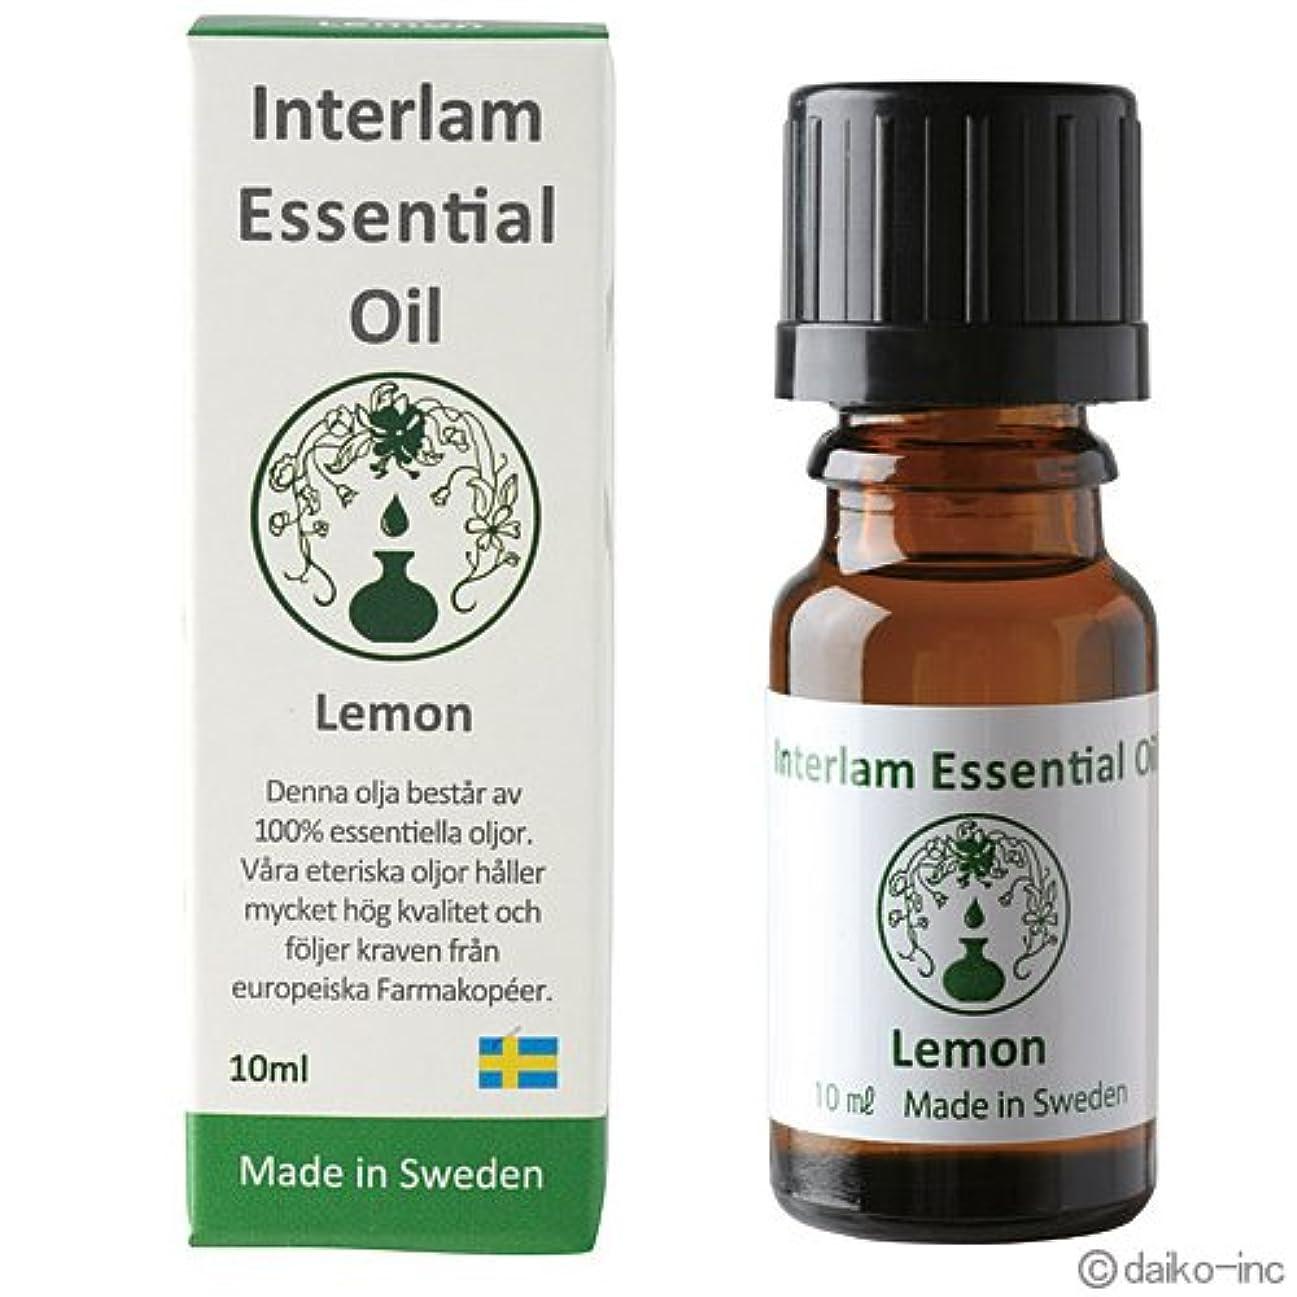 感謝祭測る地獄Interlam Essential Oil レモン 10ml